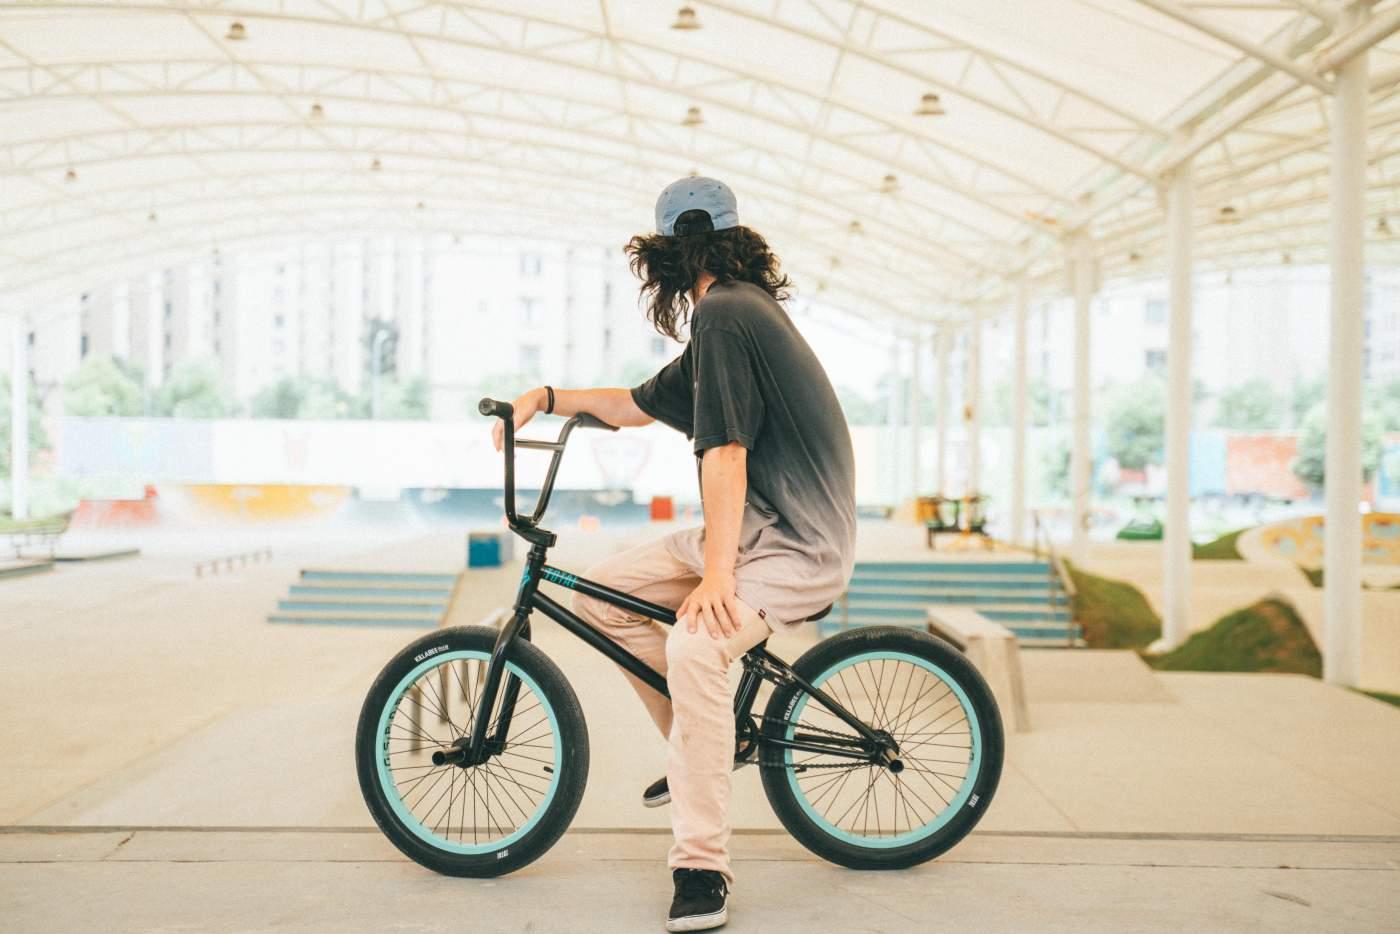 10 อันดับ จักรยาน BMX ยี่ห้อไหนดี